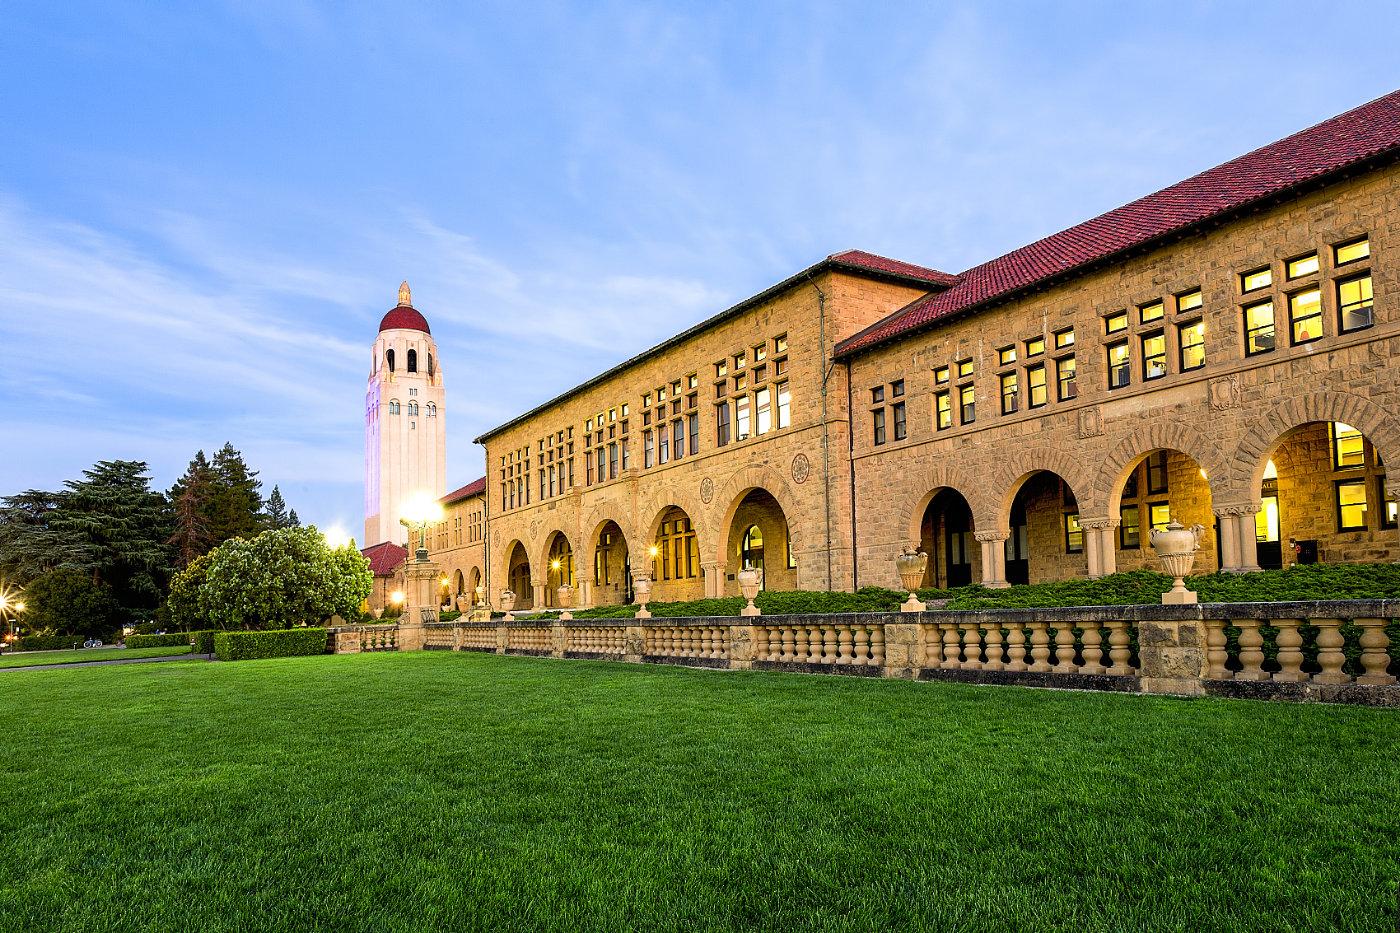 美国本科申请,目标院校以公立大学为主